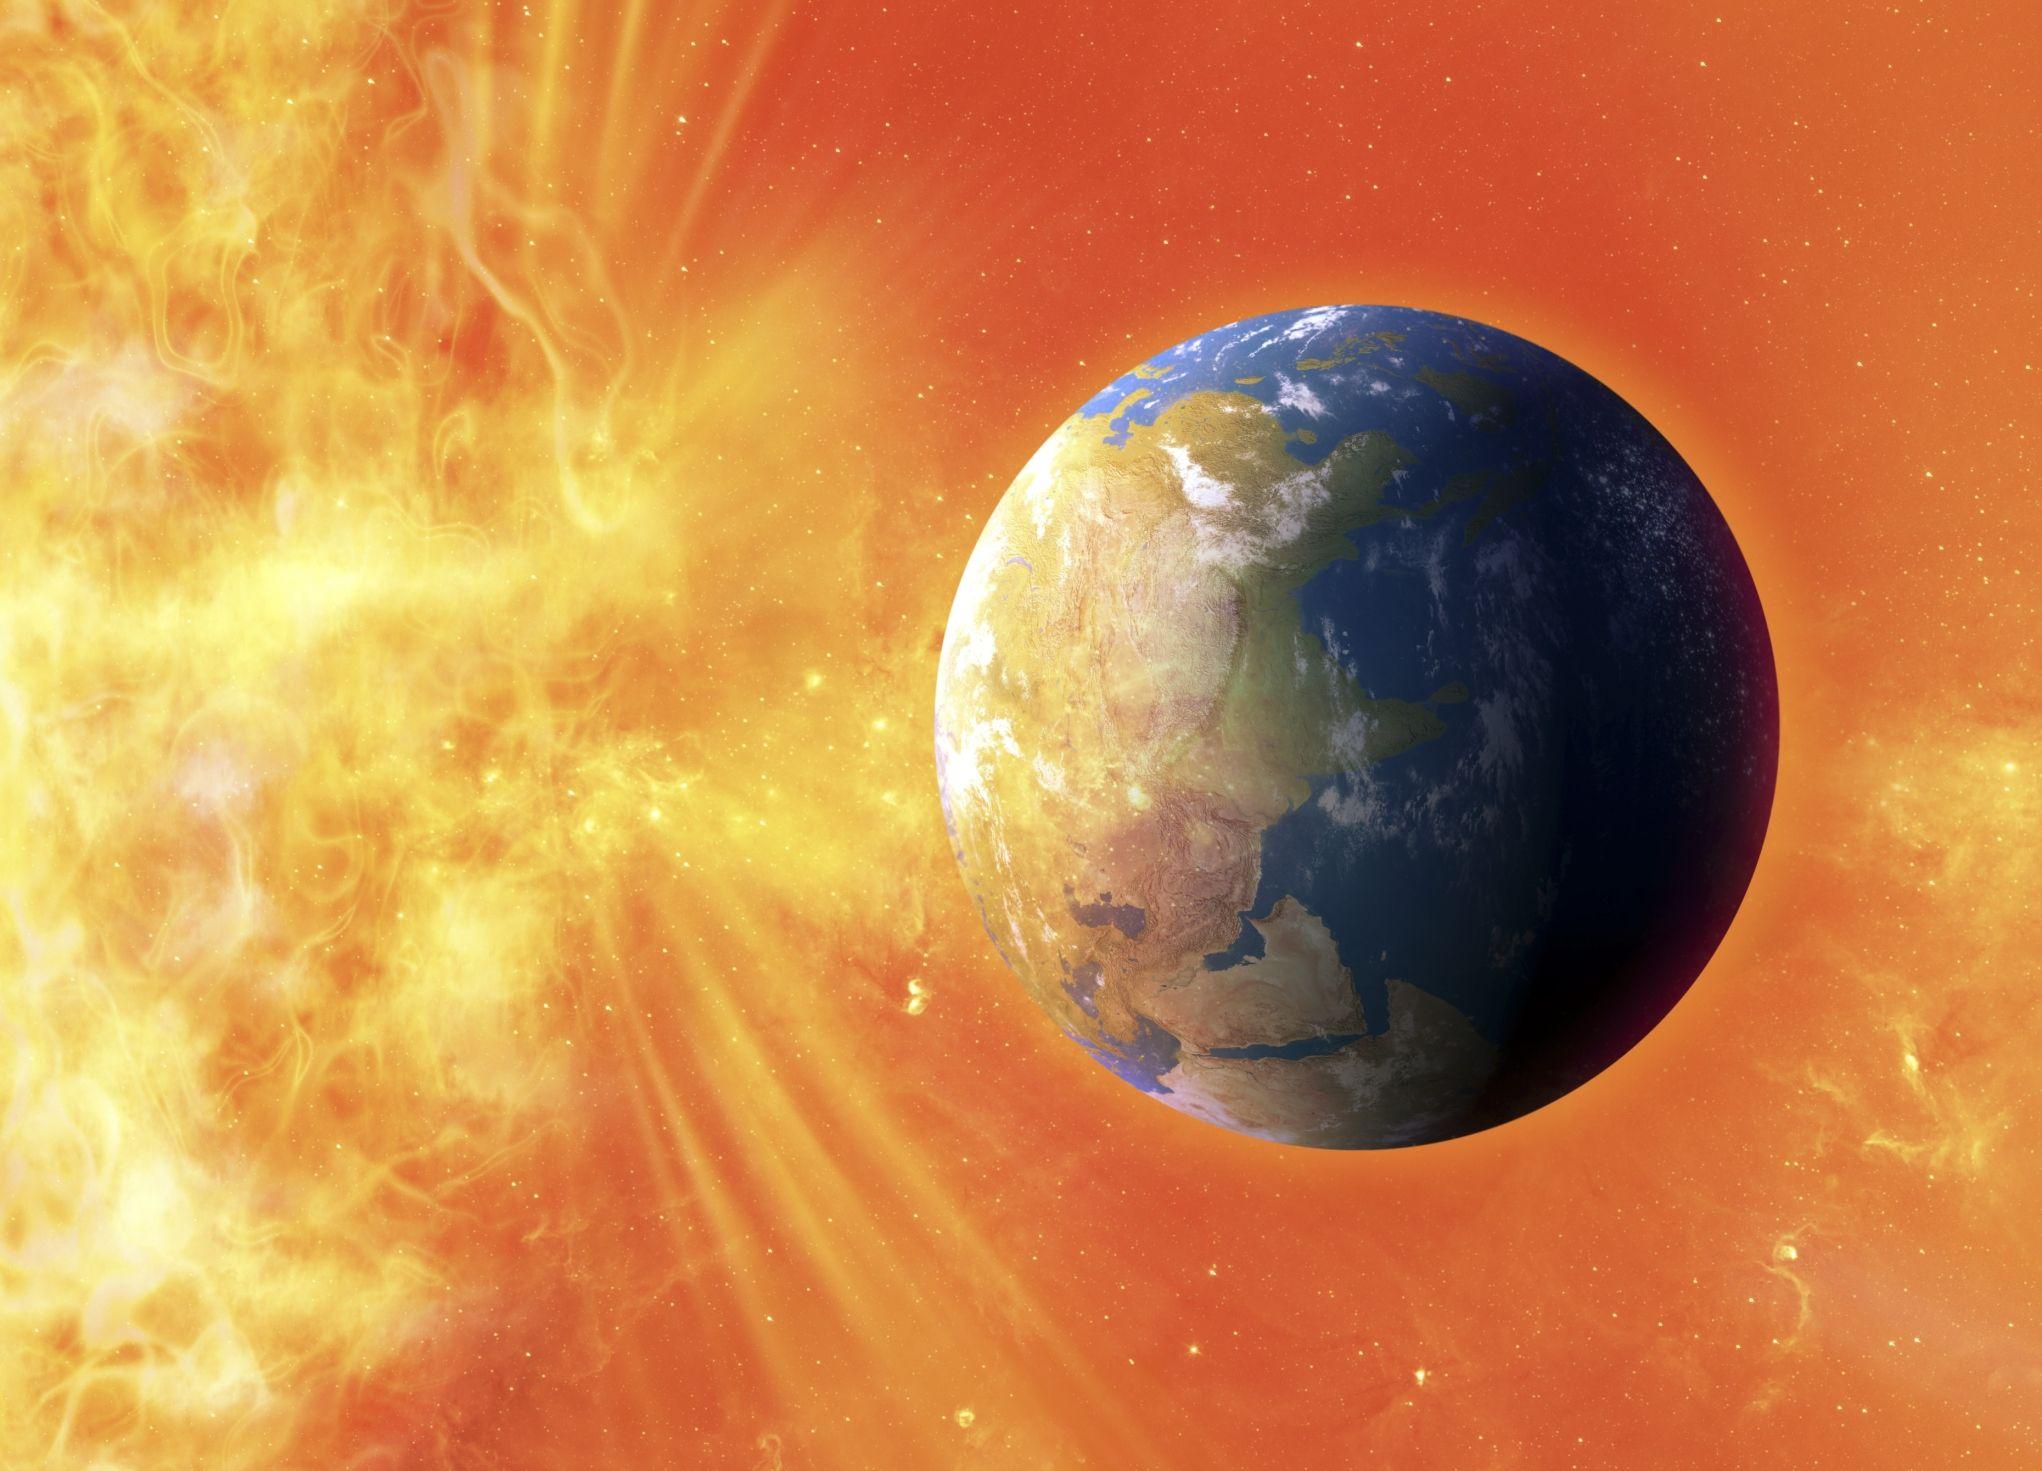 """عاصفة شمسية تضرب الأرض اليوم.. تؤثر على الأقمار الصناعية ونظام تحديد المواقع """" GPS """""""